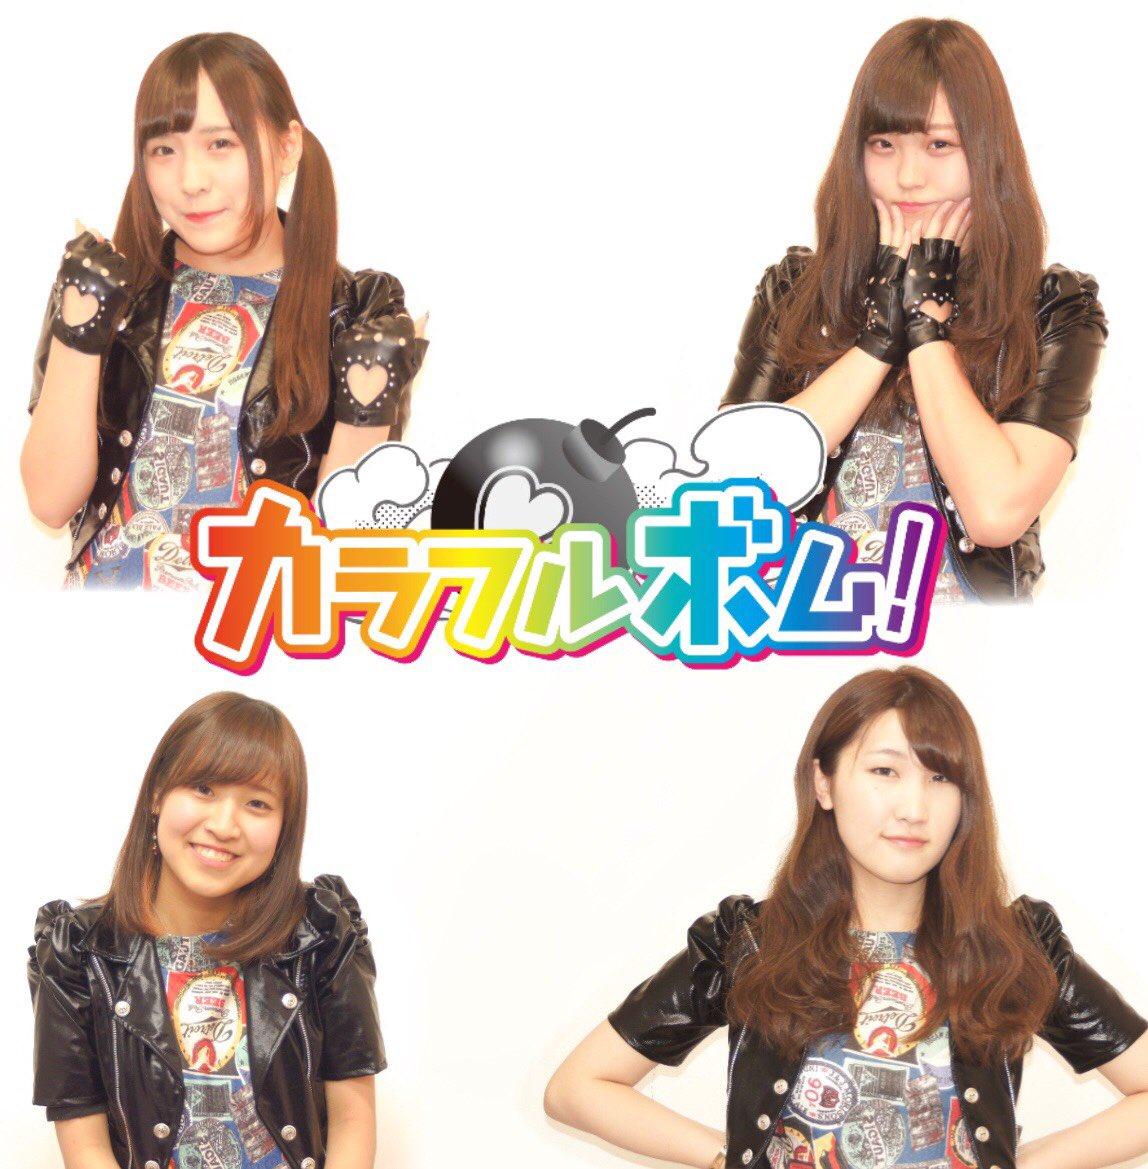 カラフルボム!& IOLIGHT 2組同時お披露目ライブ @高松MONSTER